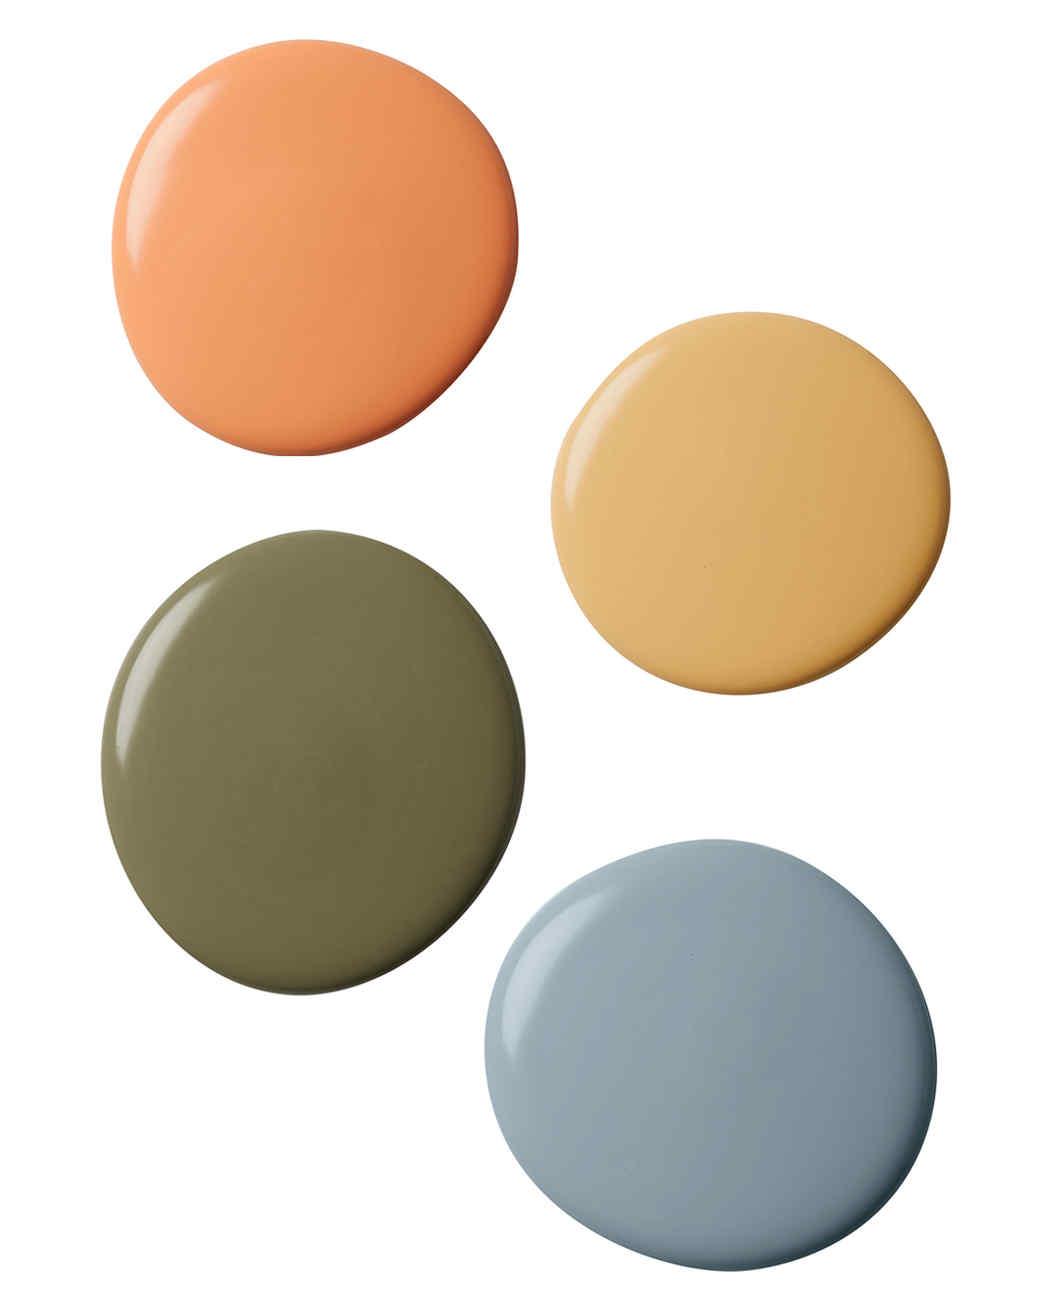 benjamin moore interior paint chips